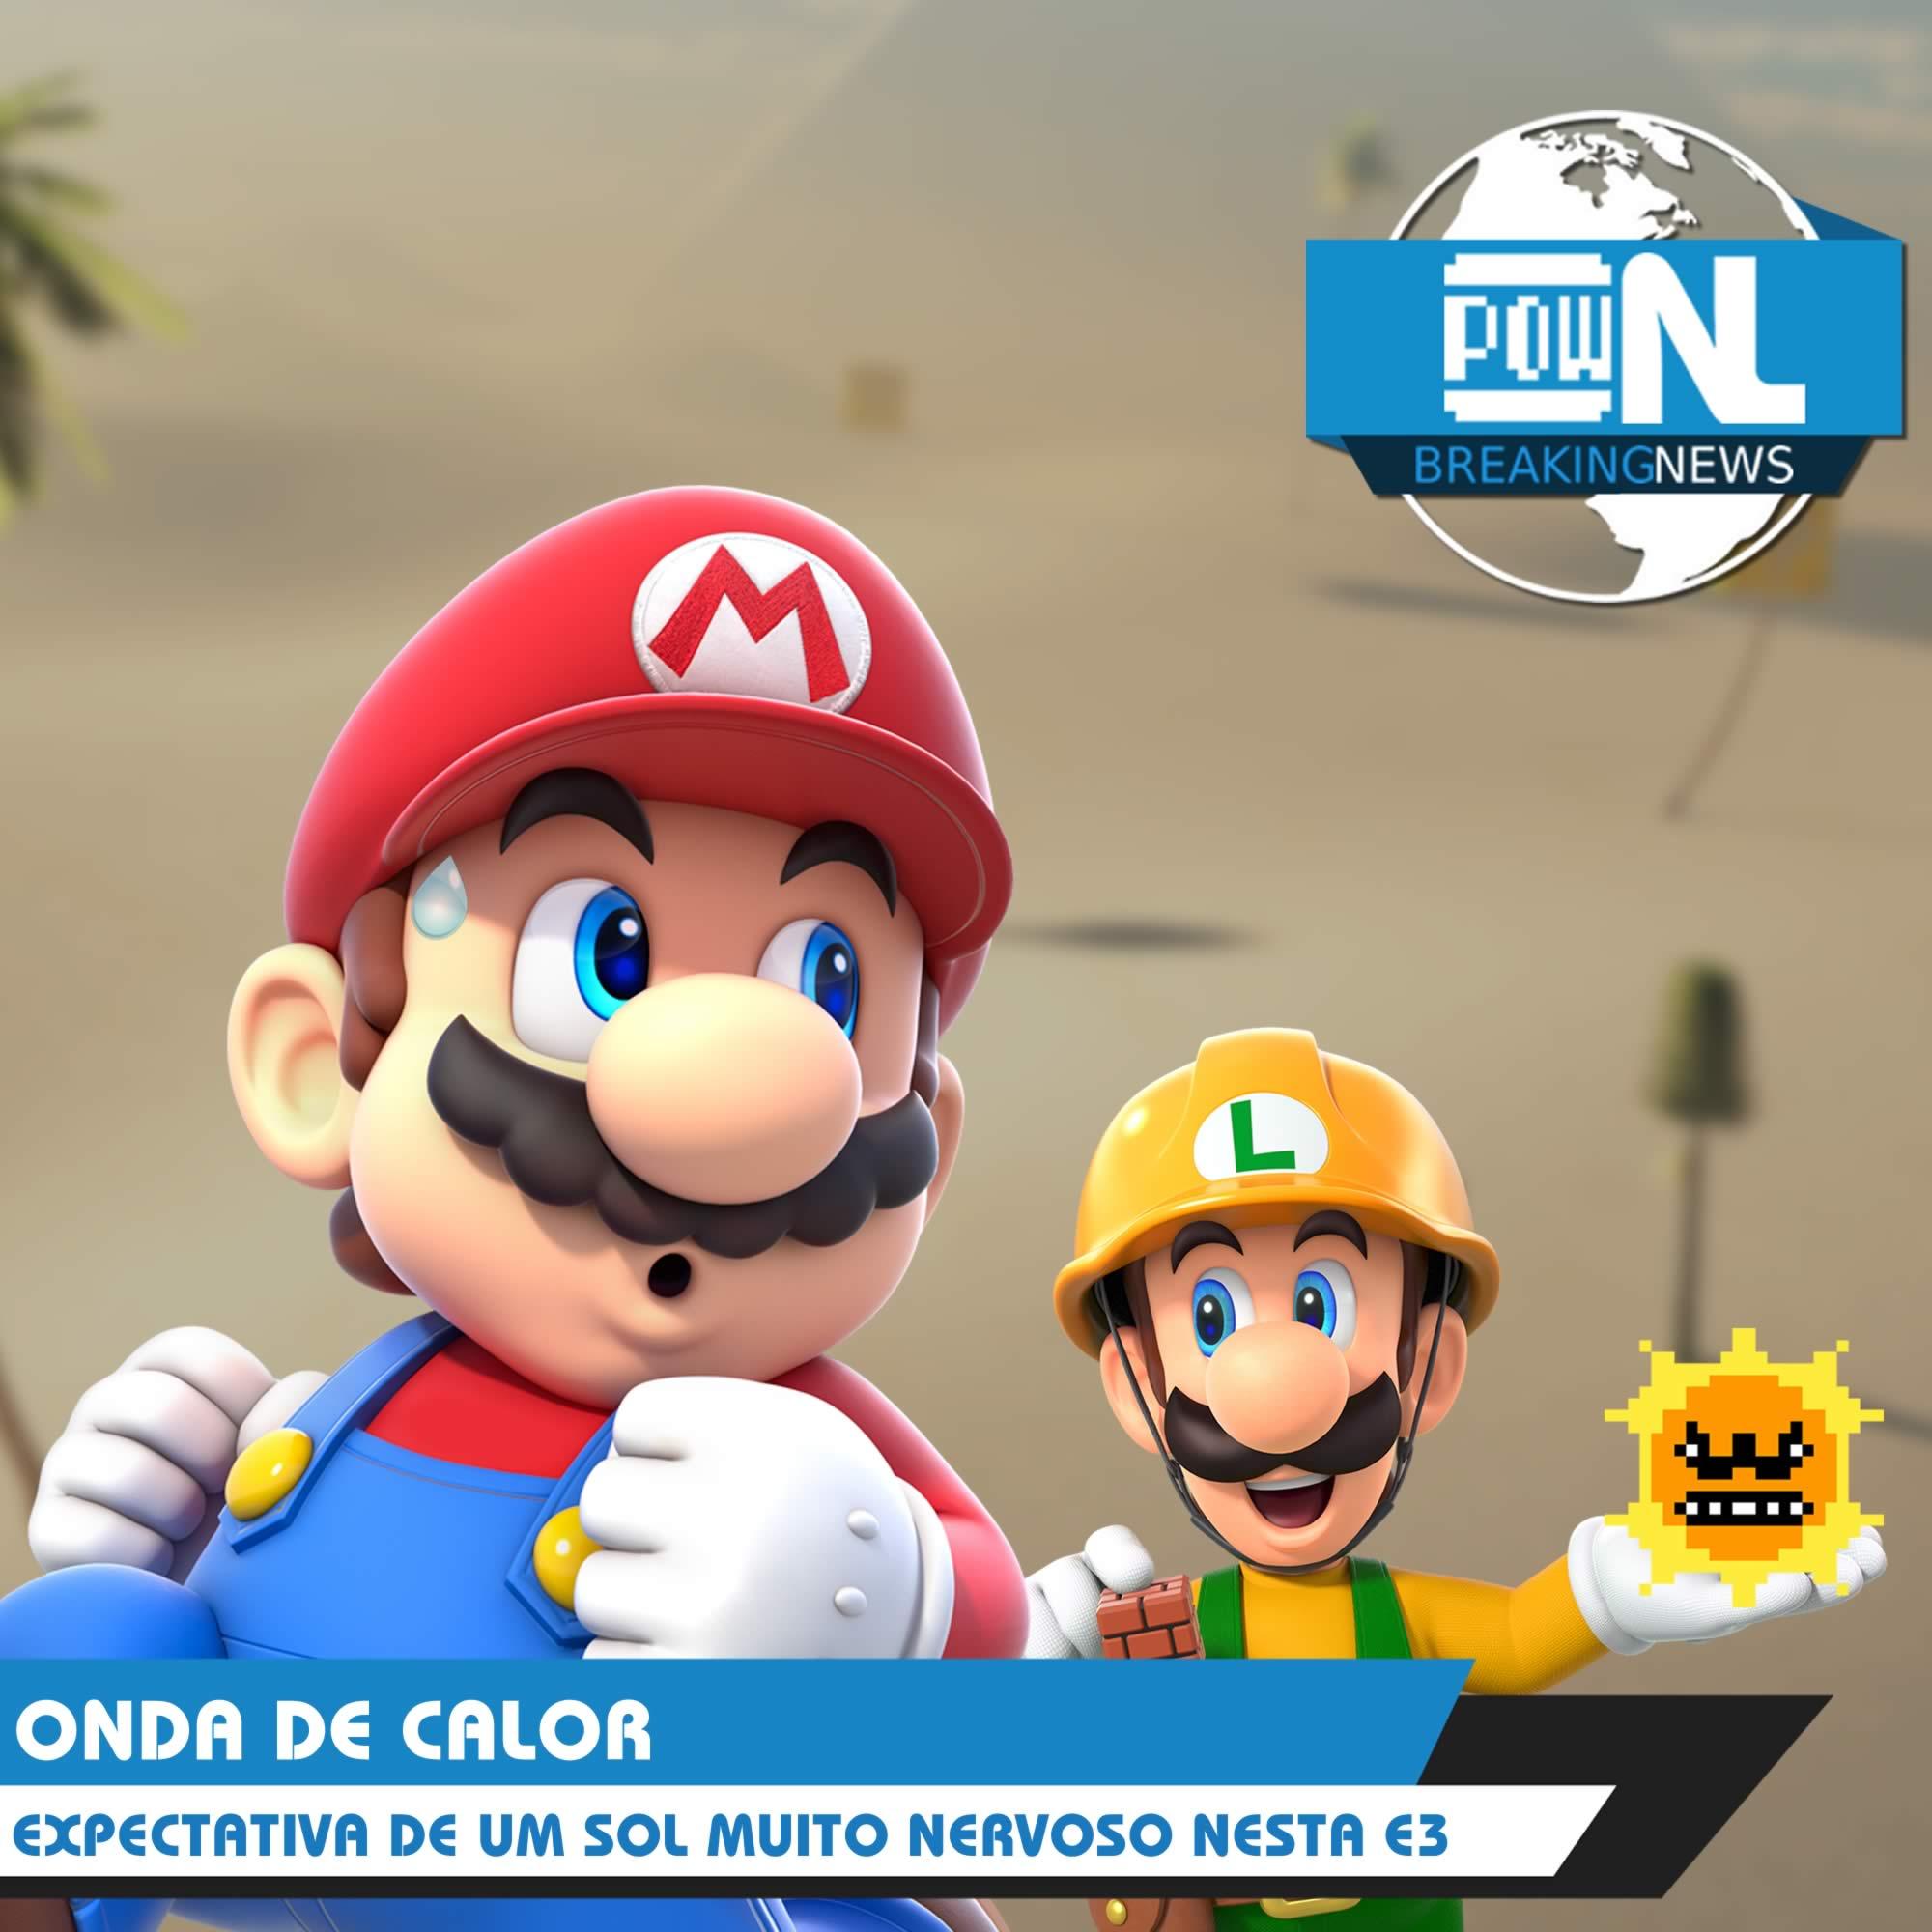 Nintendo POWdcast #83 – POWdnews: Mario Maker 2, Vendas, Jogos e Expectativas para E3